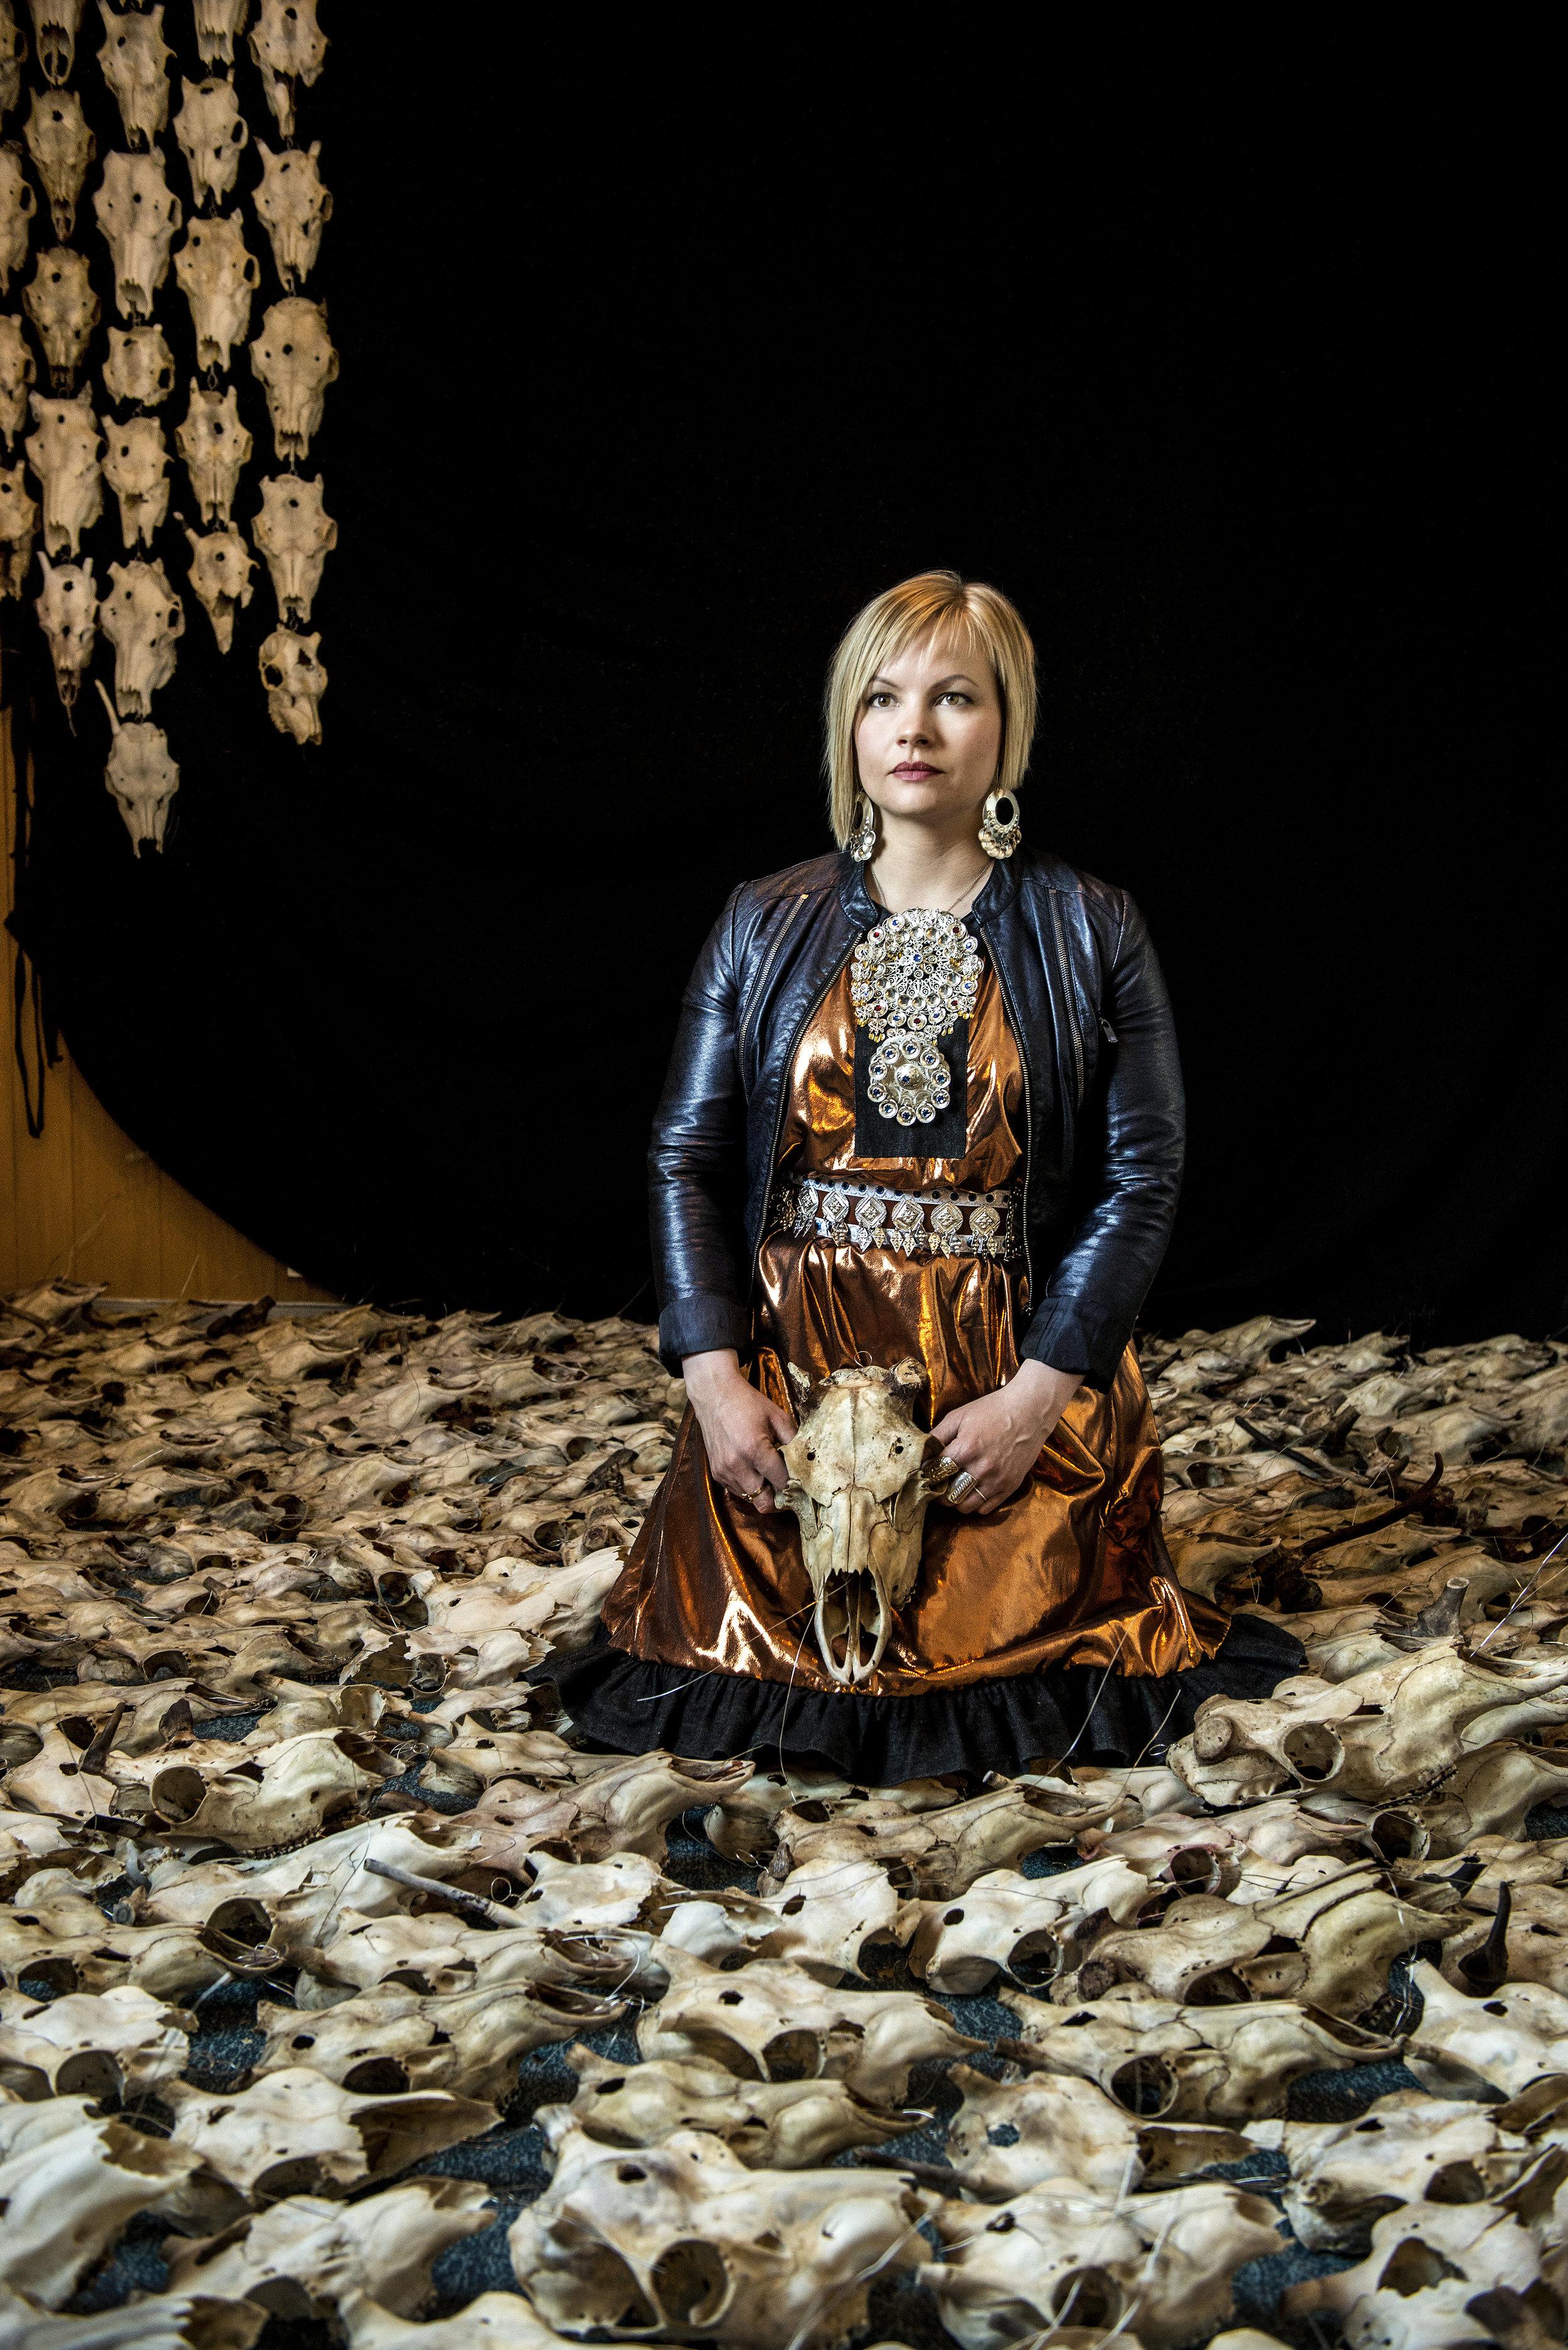 Máret Ánne Sara er en samisk tverrfaglig kunstner som tar opp politiske og sosiale temaer i sin kunst. Foto: Per Heimly